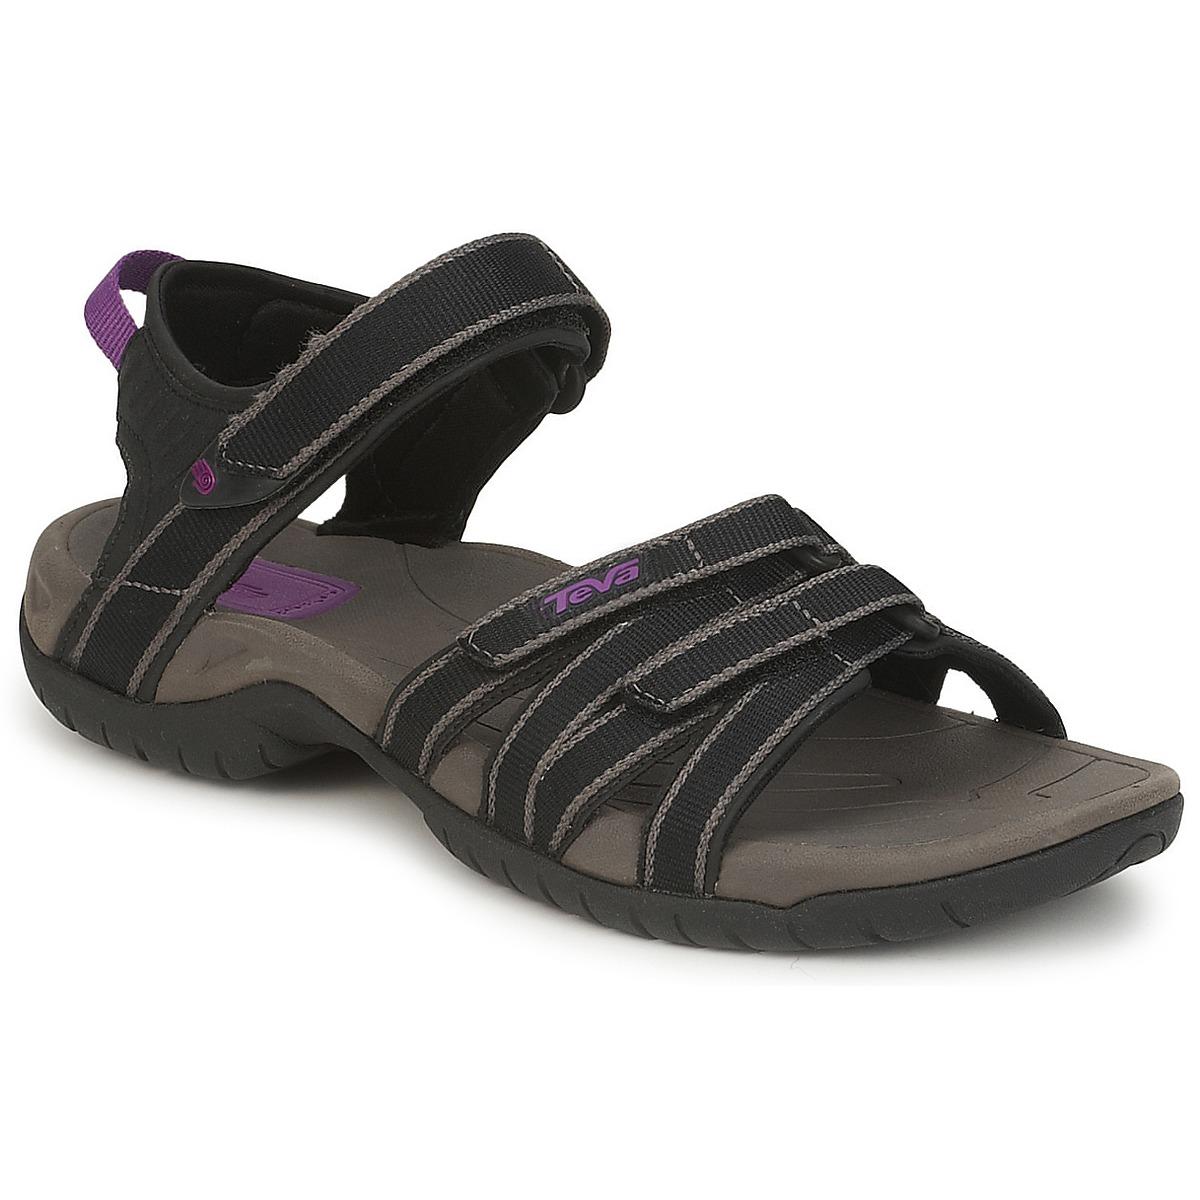 Teva TIRRA Schwarz / Grau - Kostenloser Versand bei Spartoode ! - Schuhe Sportliche Sandalen Damen 59,49 €